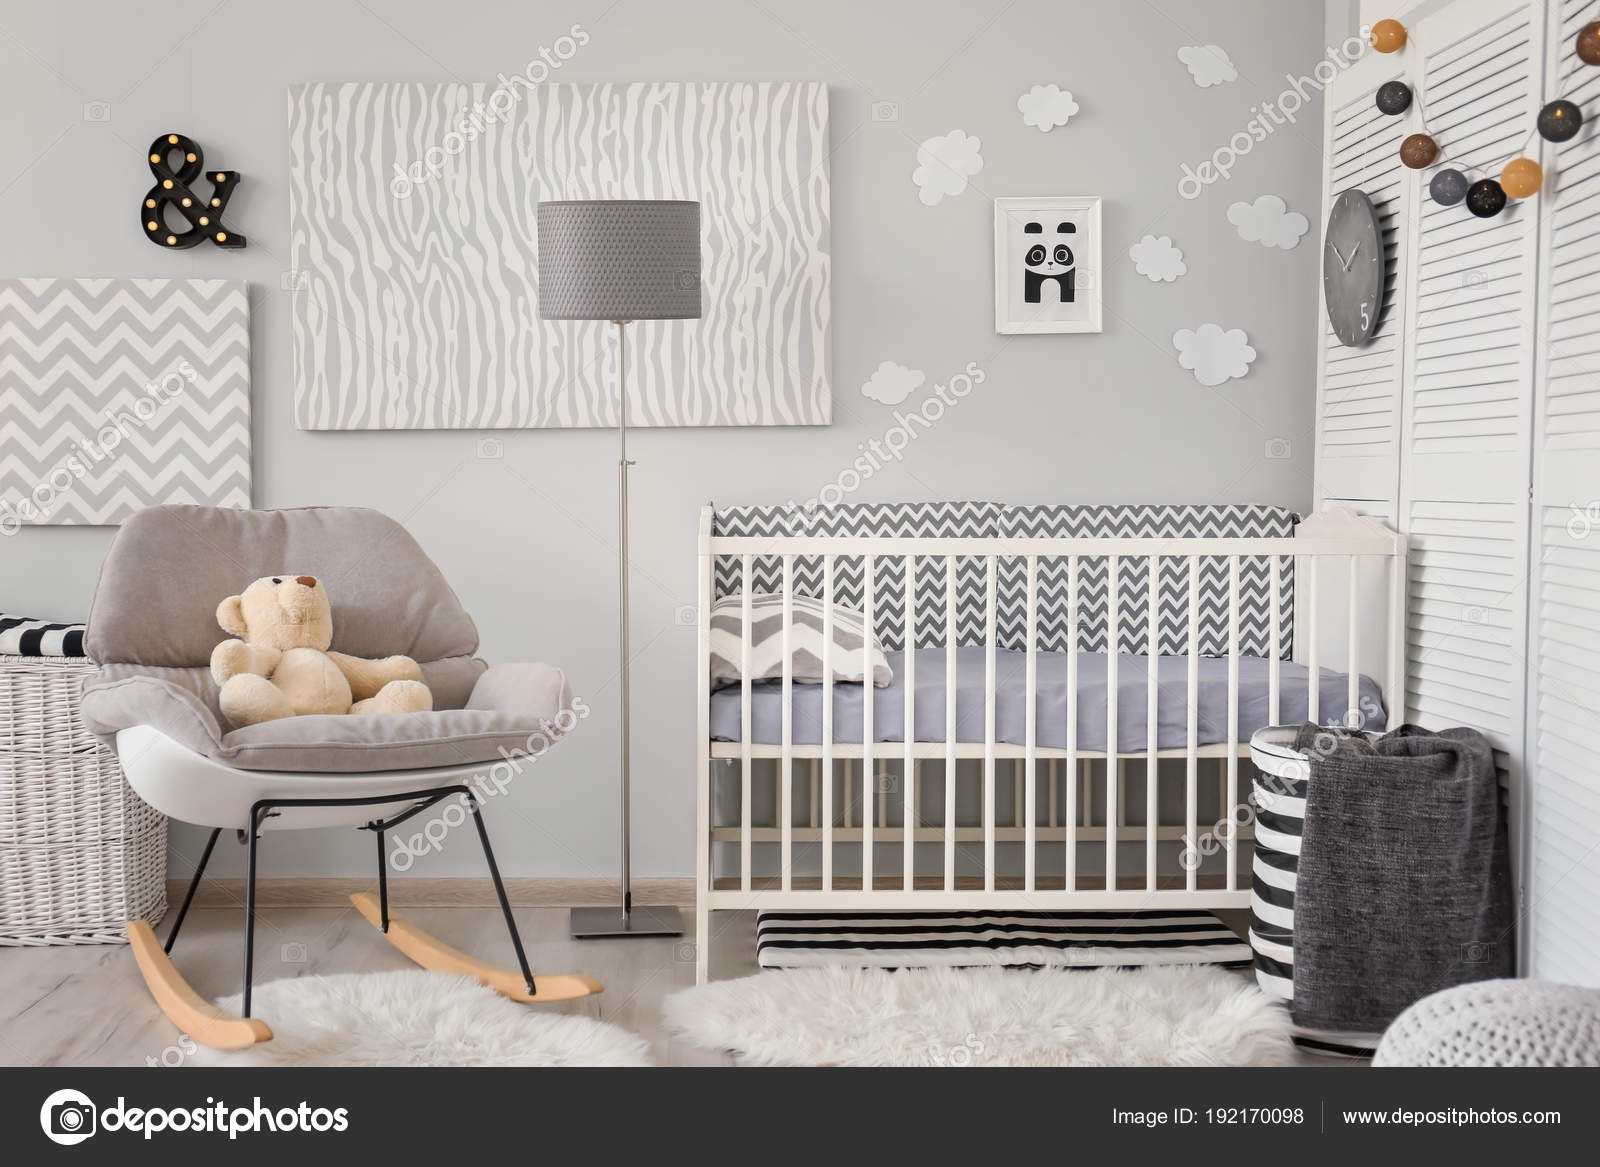 Baby Zimmer Einrichtung Mit Krippe Haus Design — Stockfoto ...